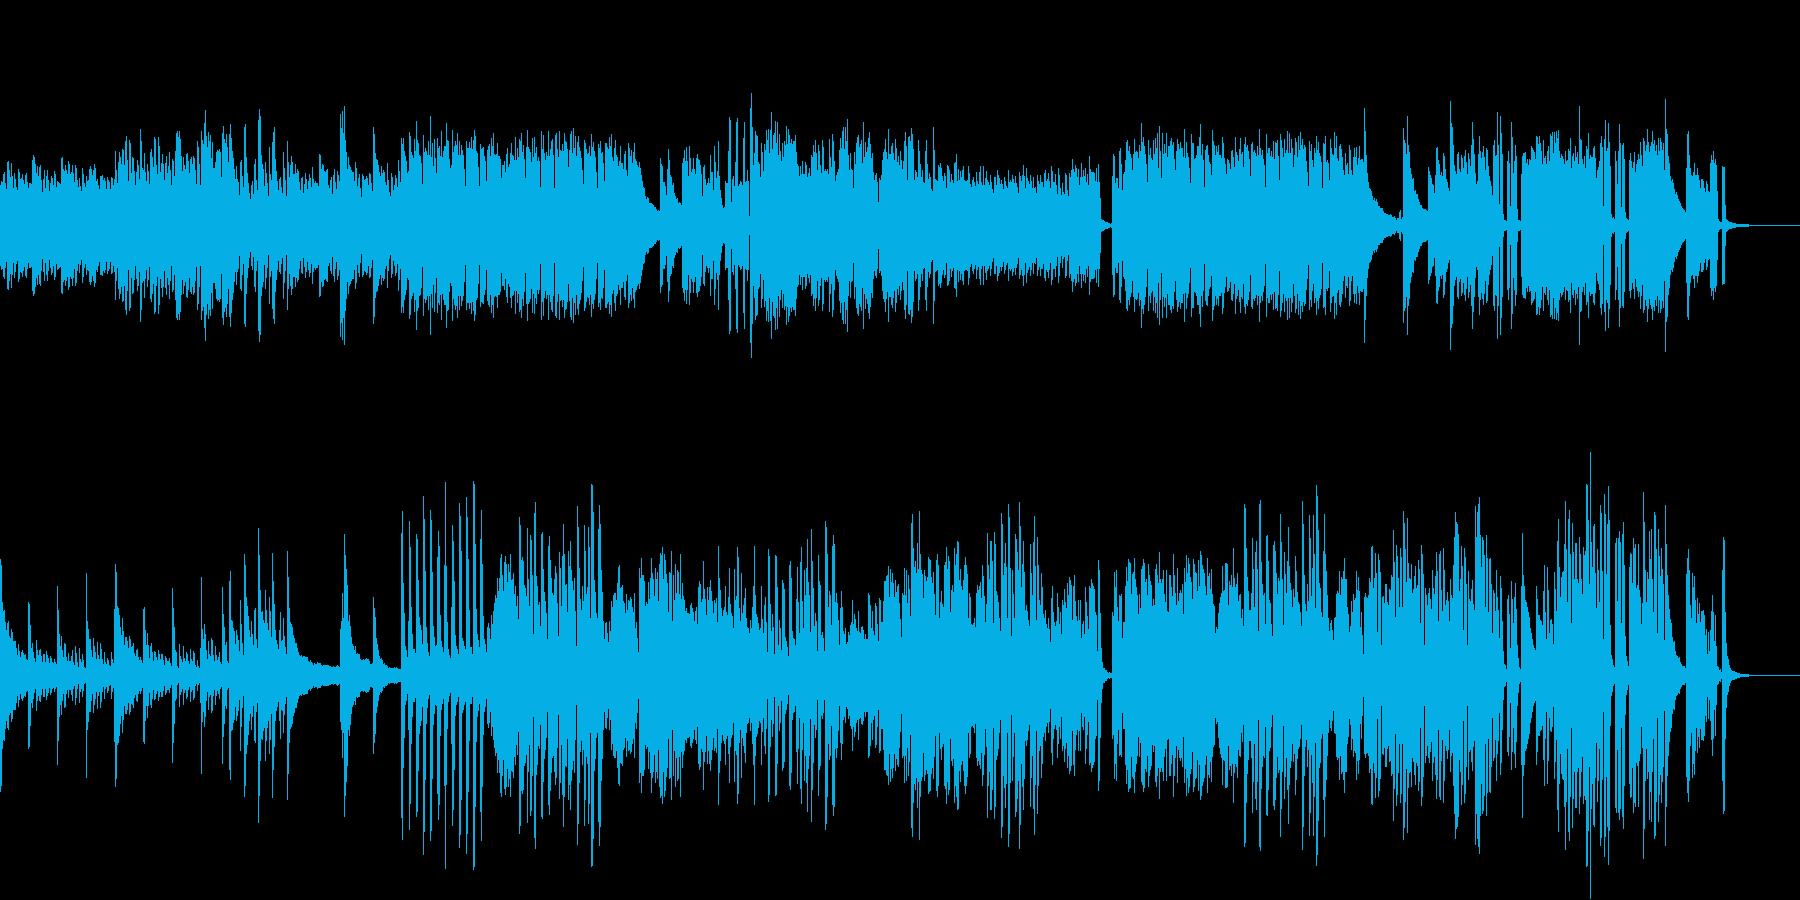 ピアノとハープシコードの駆け引きの再生済みの波形